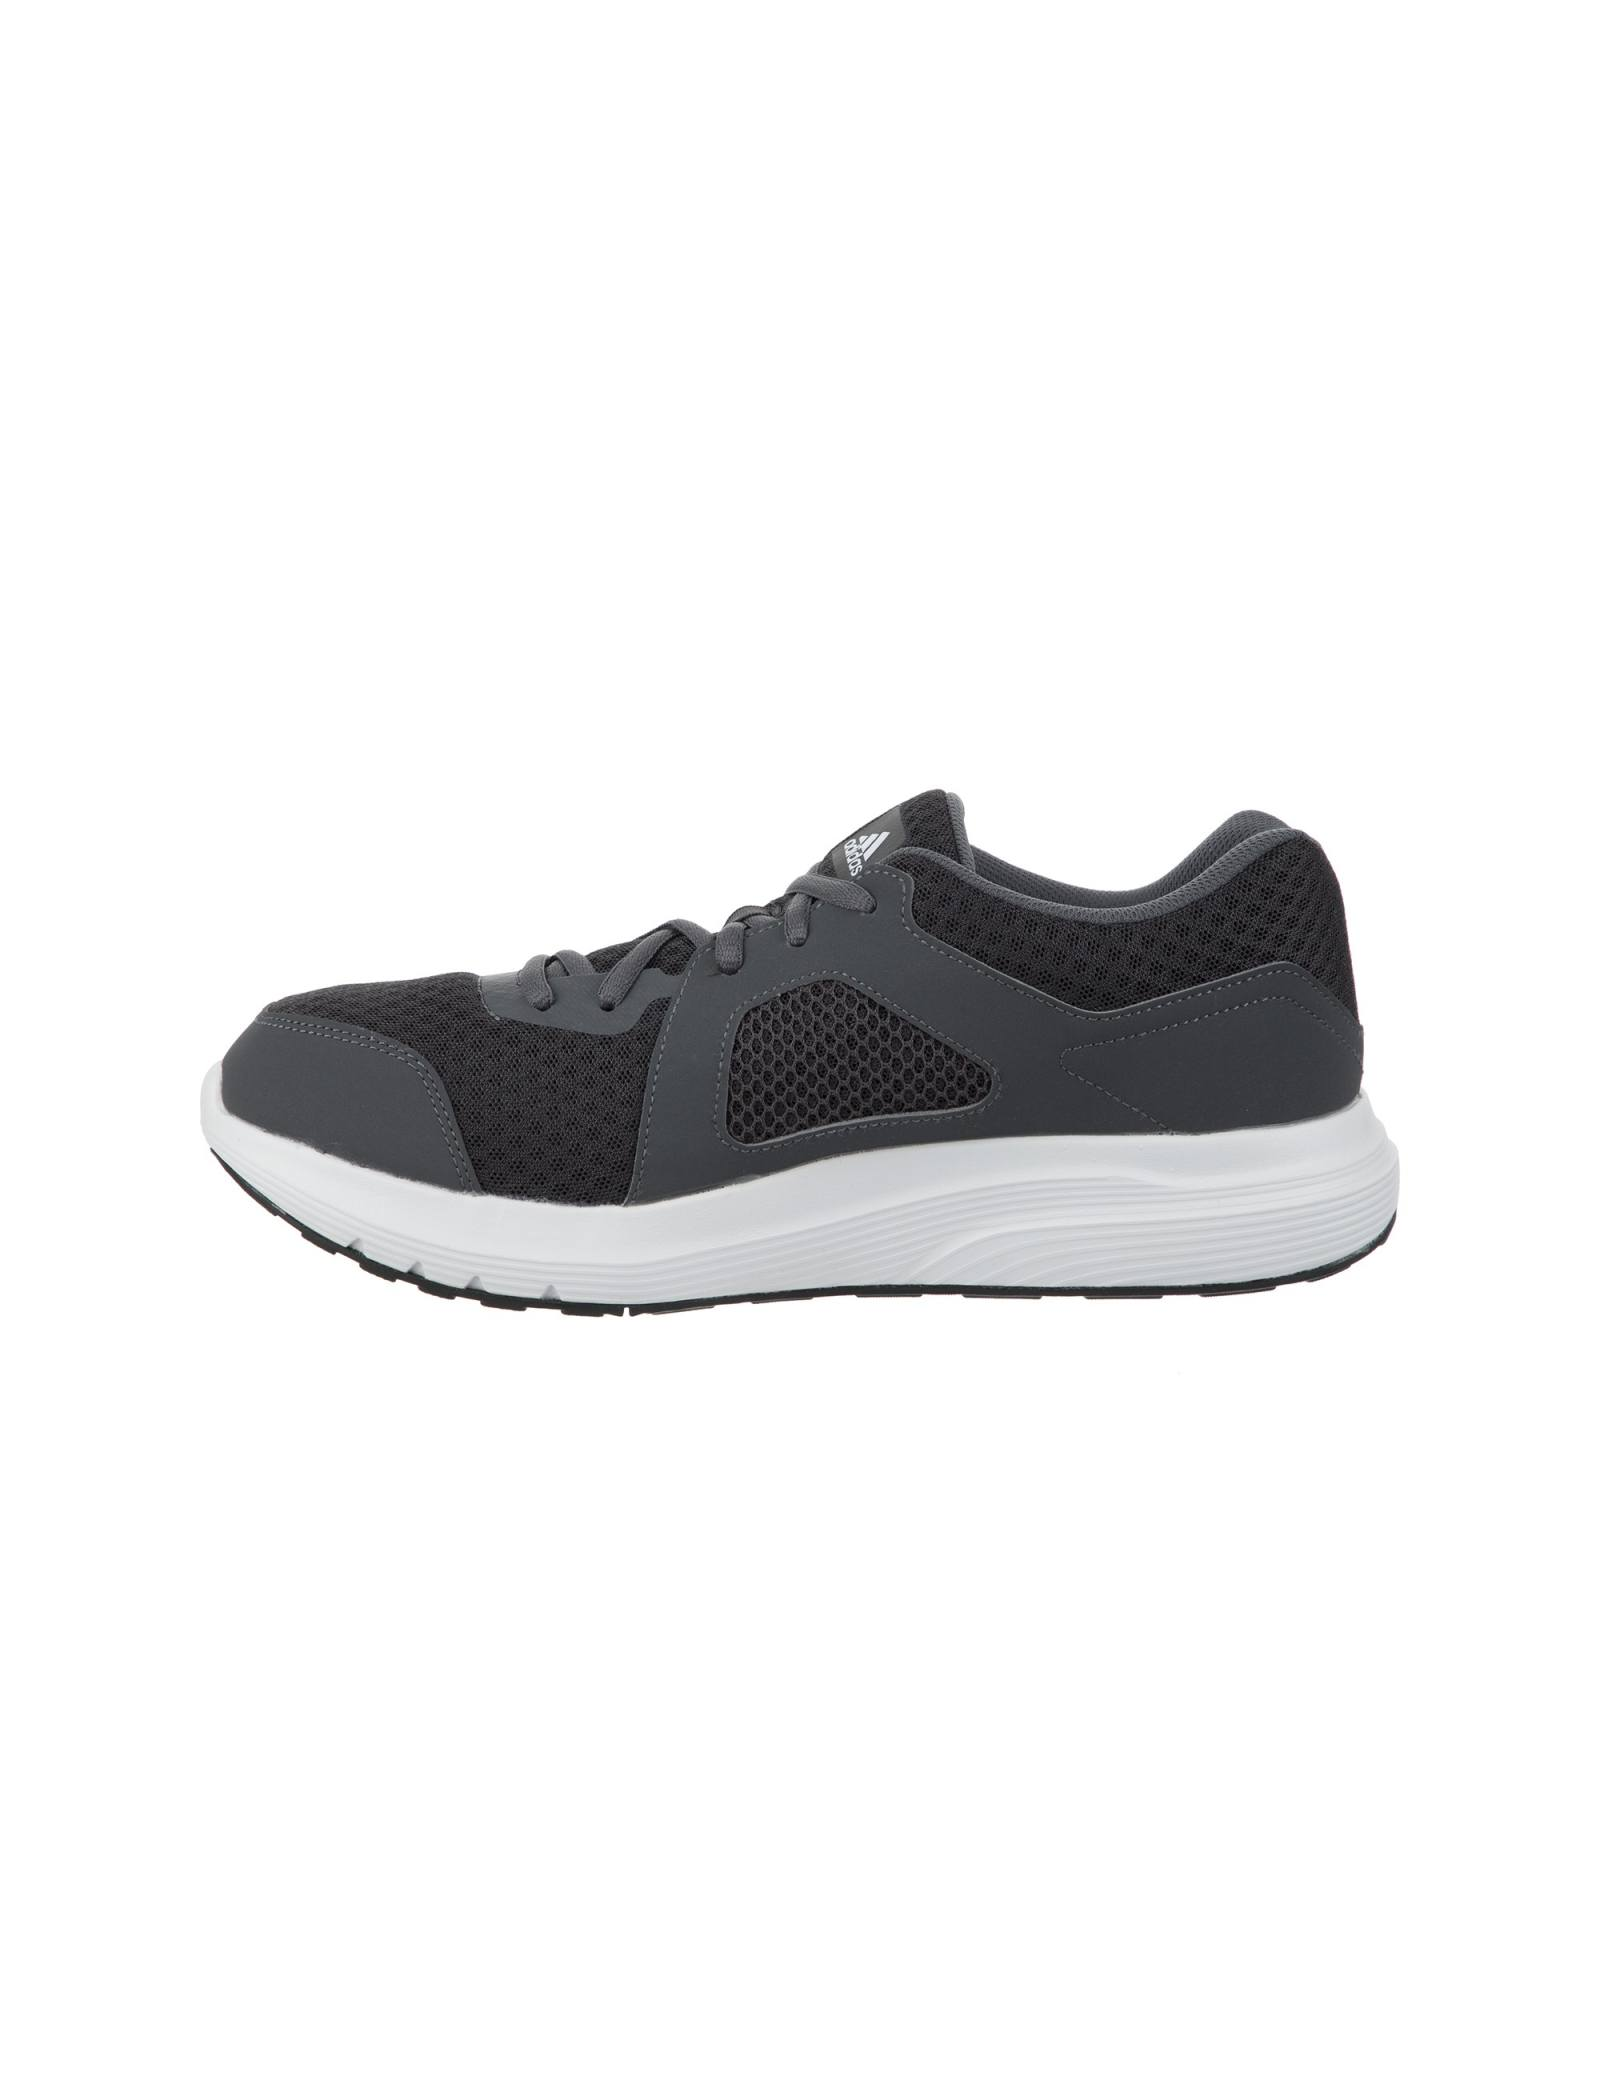 کفش دویدن بندی مردانه Galactic 2 - آدیداس - طوسي - 3